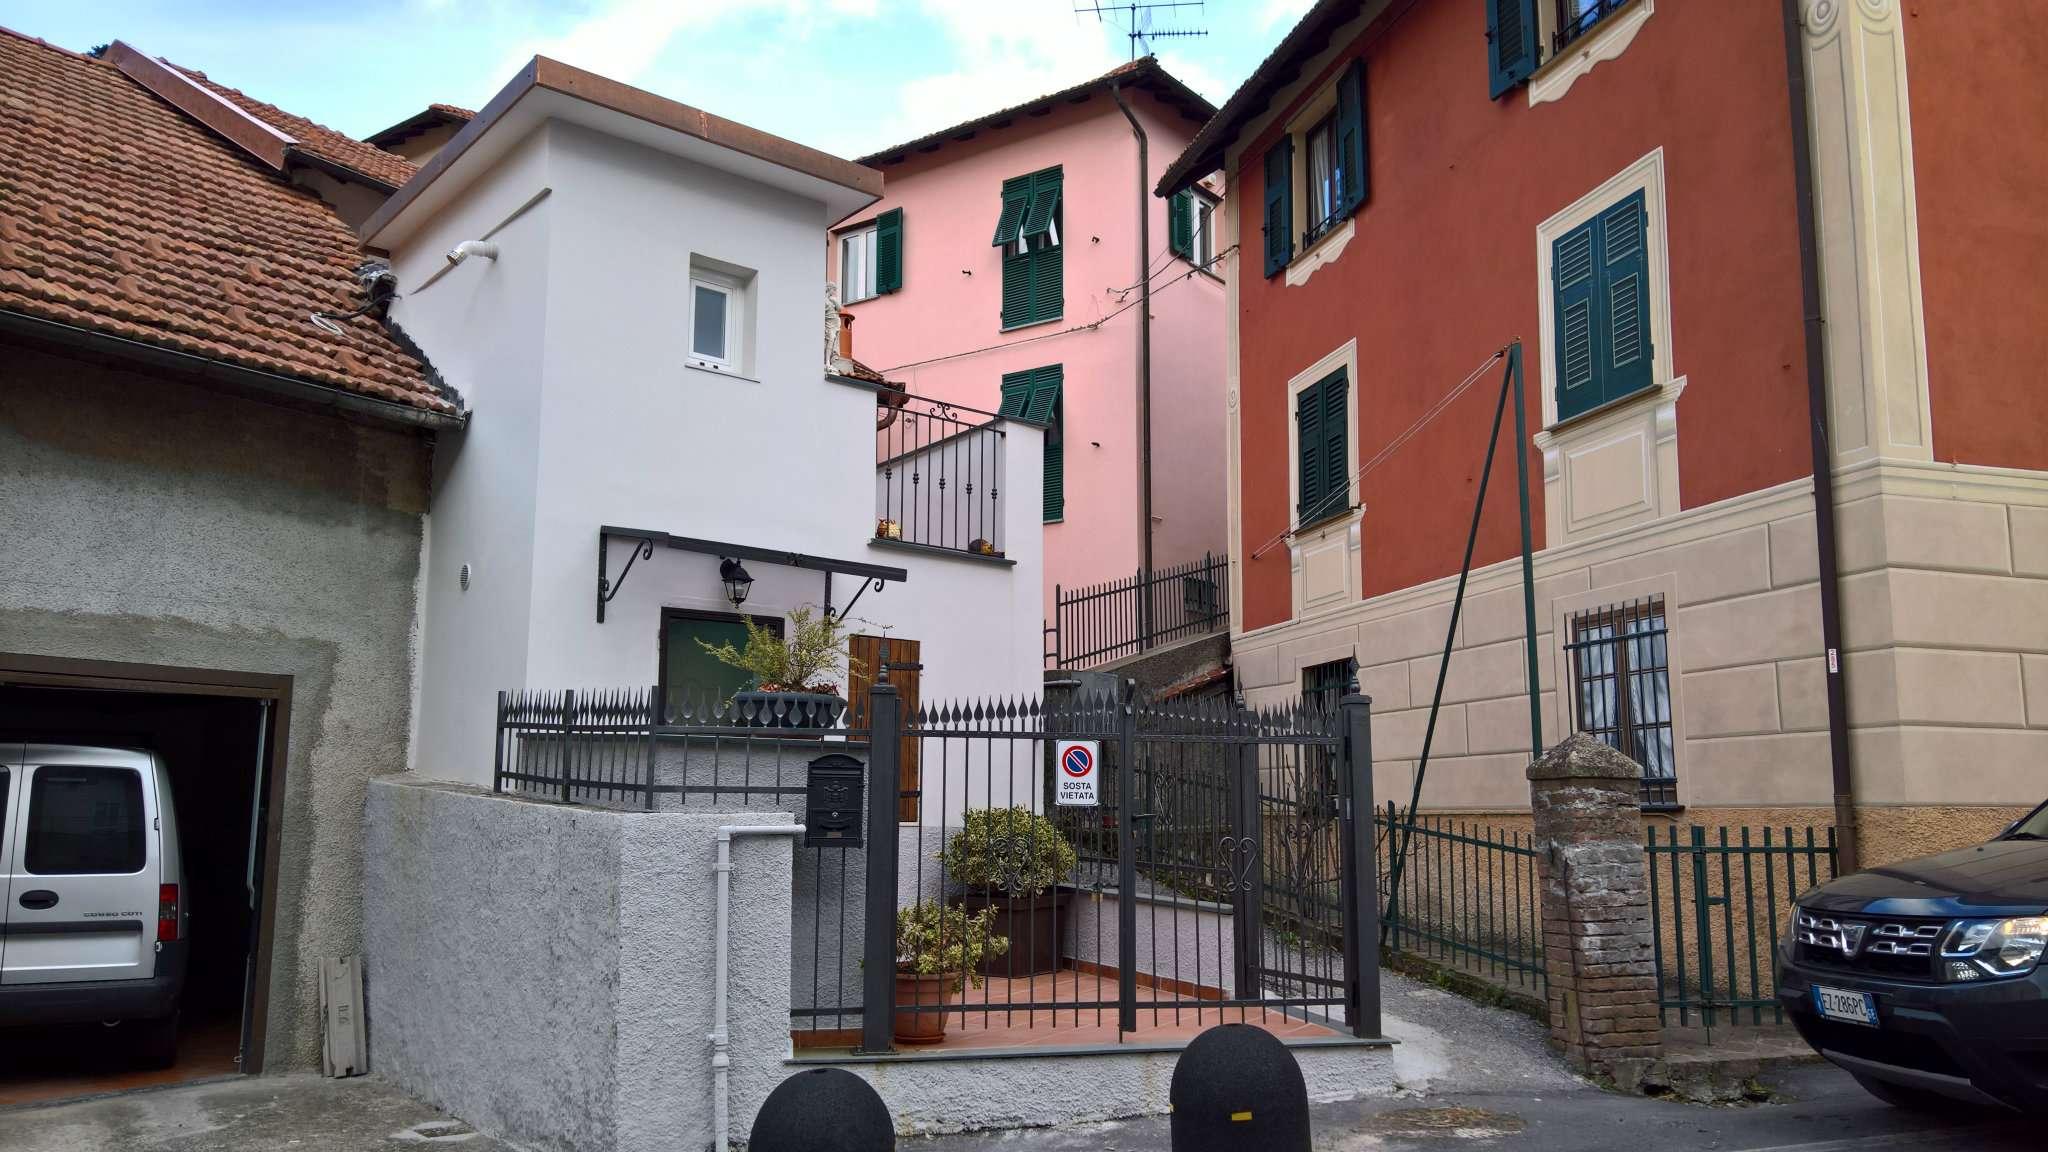 Soluzione Semindipendente in vendita a Savignone, 3 locali, prezzo € 90.000 | Cambio Casa.it